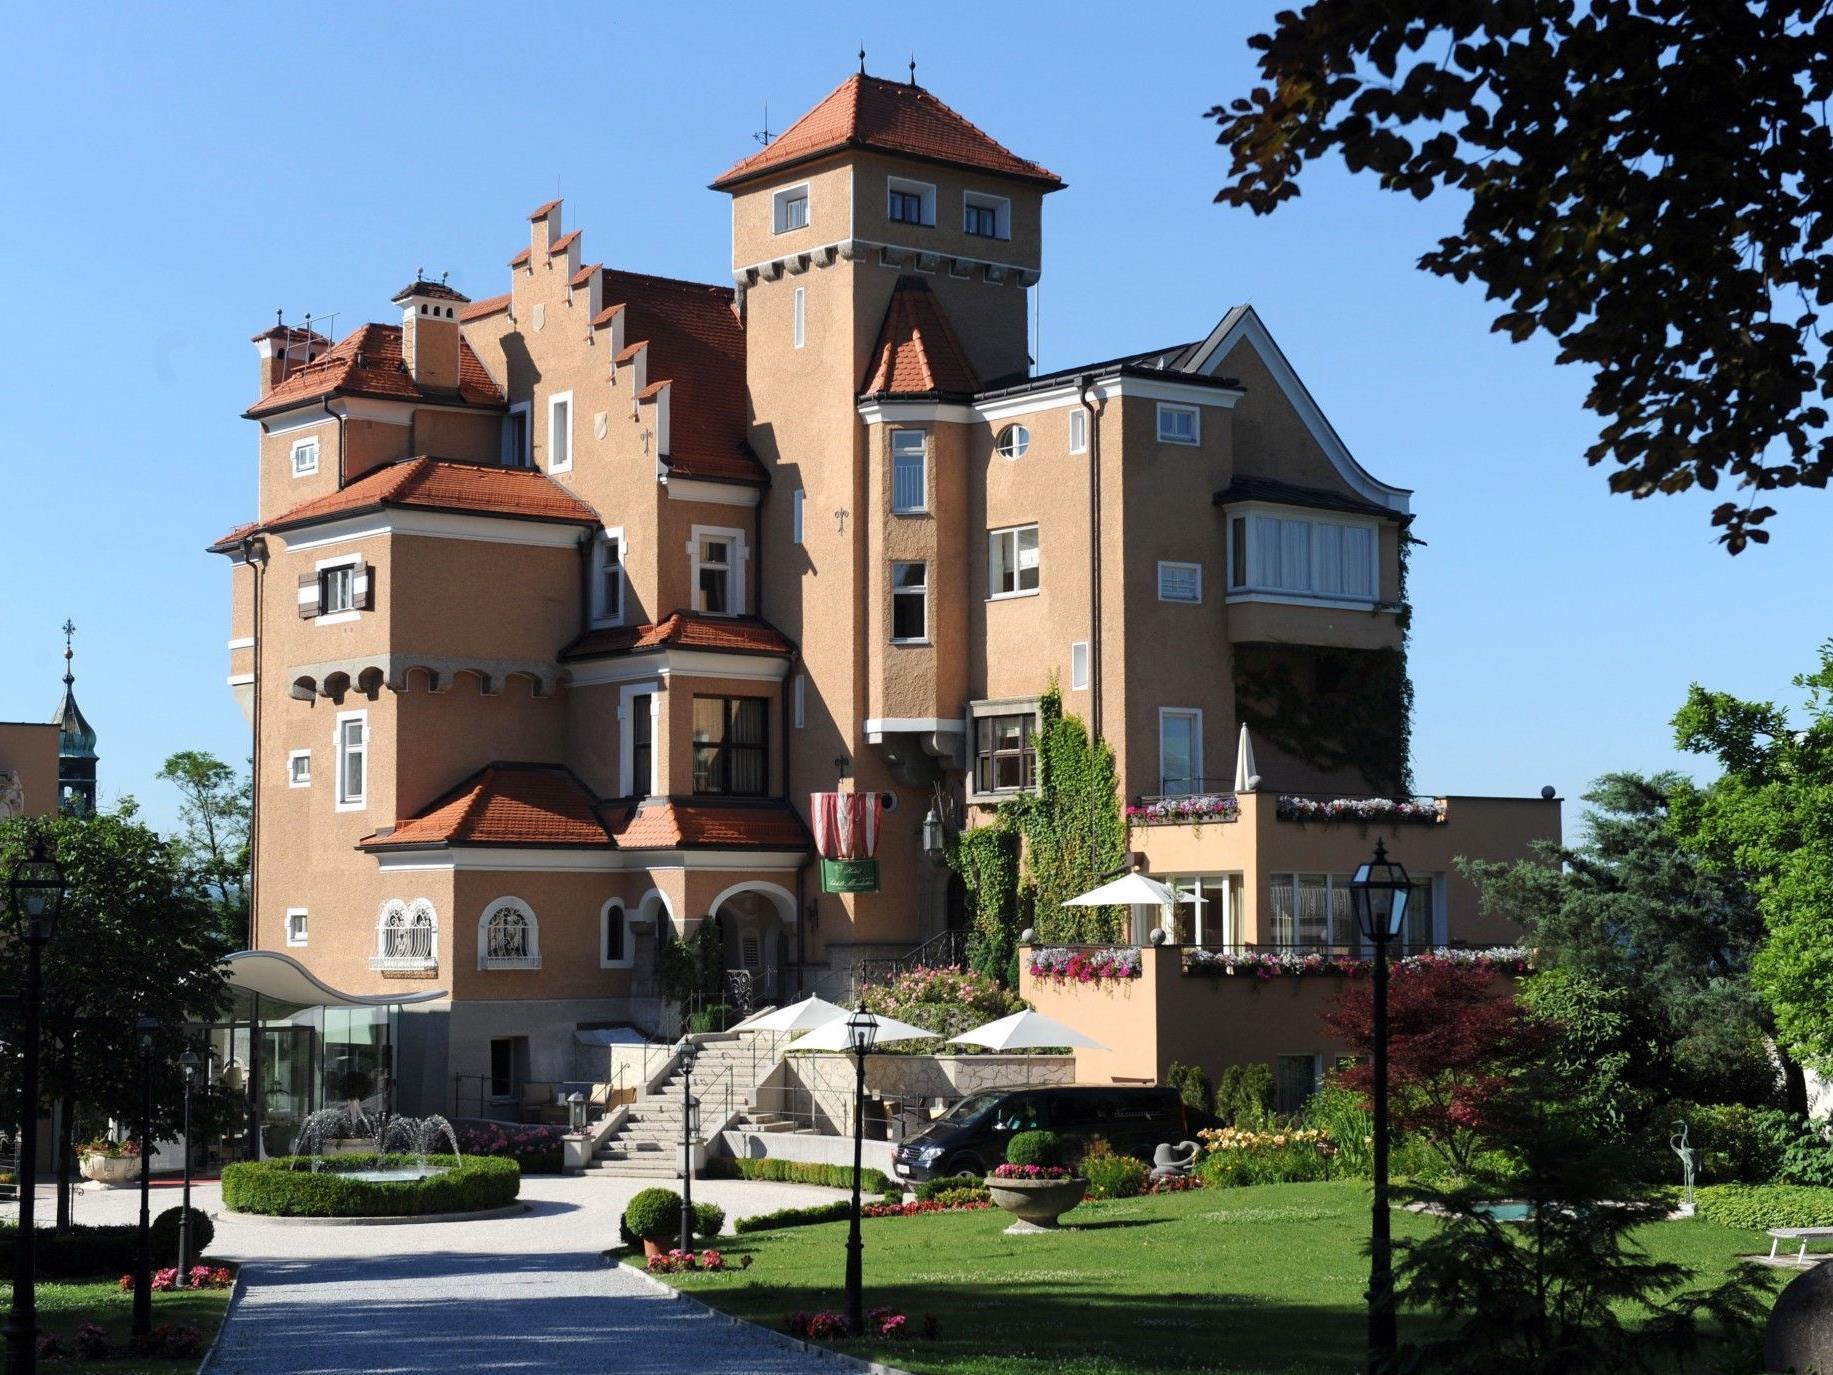 Das Hotel Mönchstein am Mönchsberg.